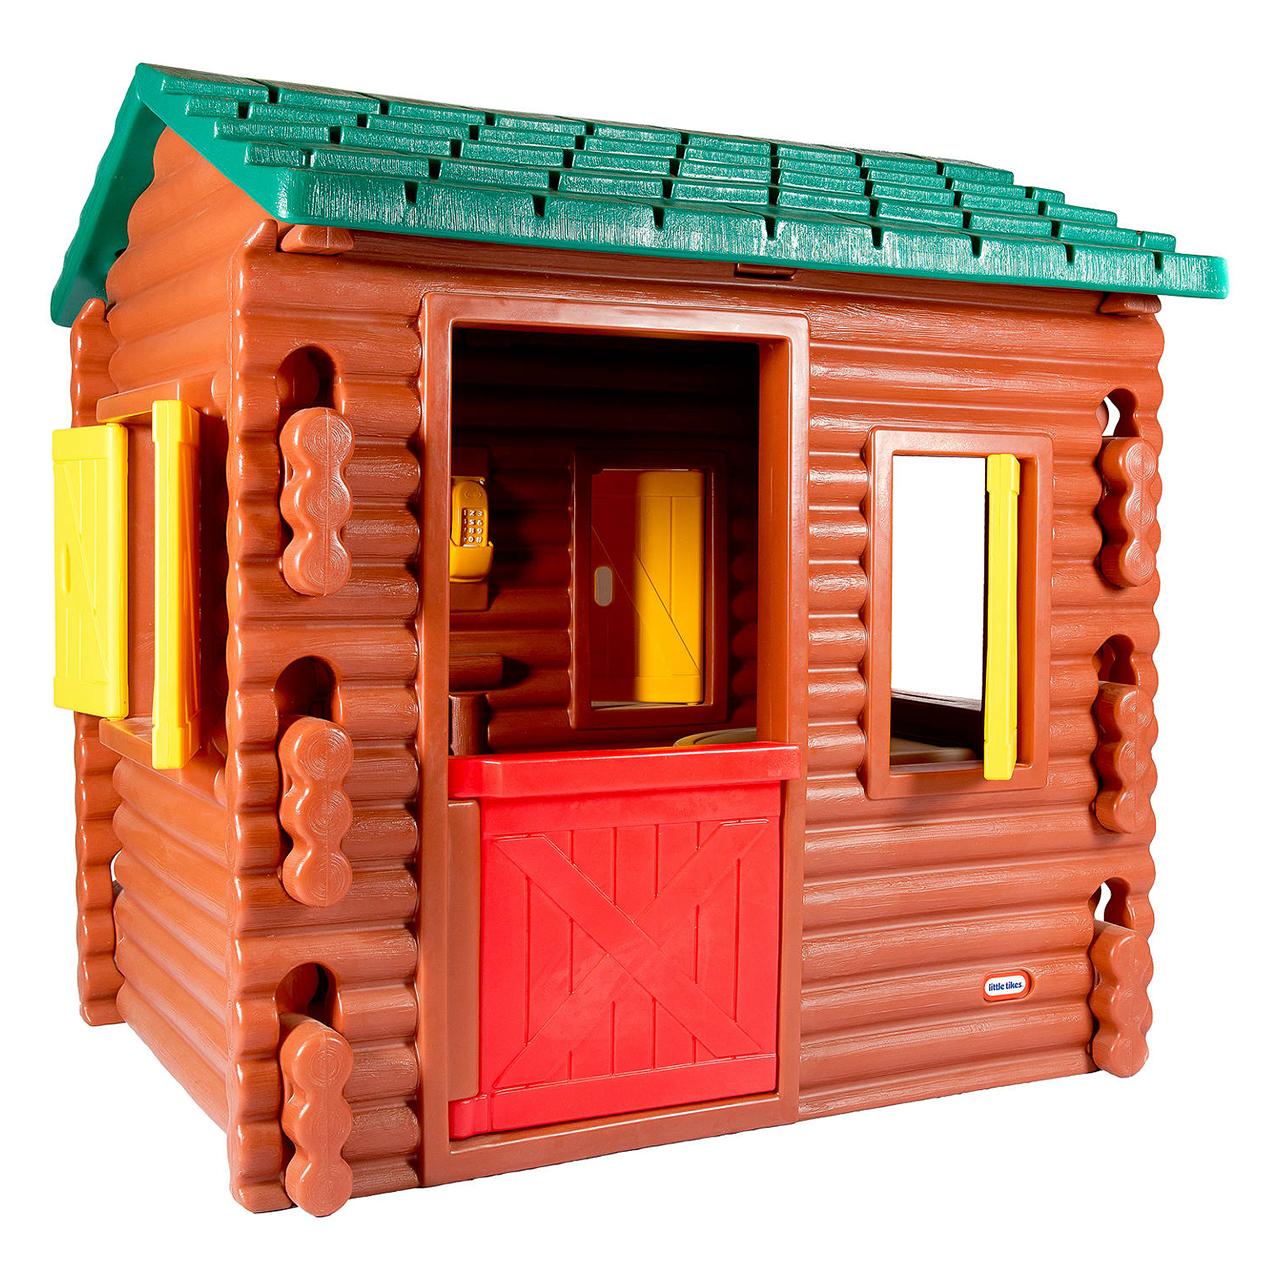 کلبه بازی لیتل تایکس مدل Log Cabin کد 0050743048692